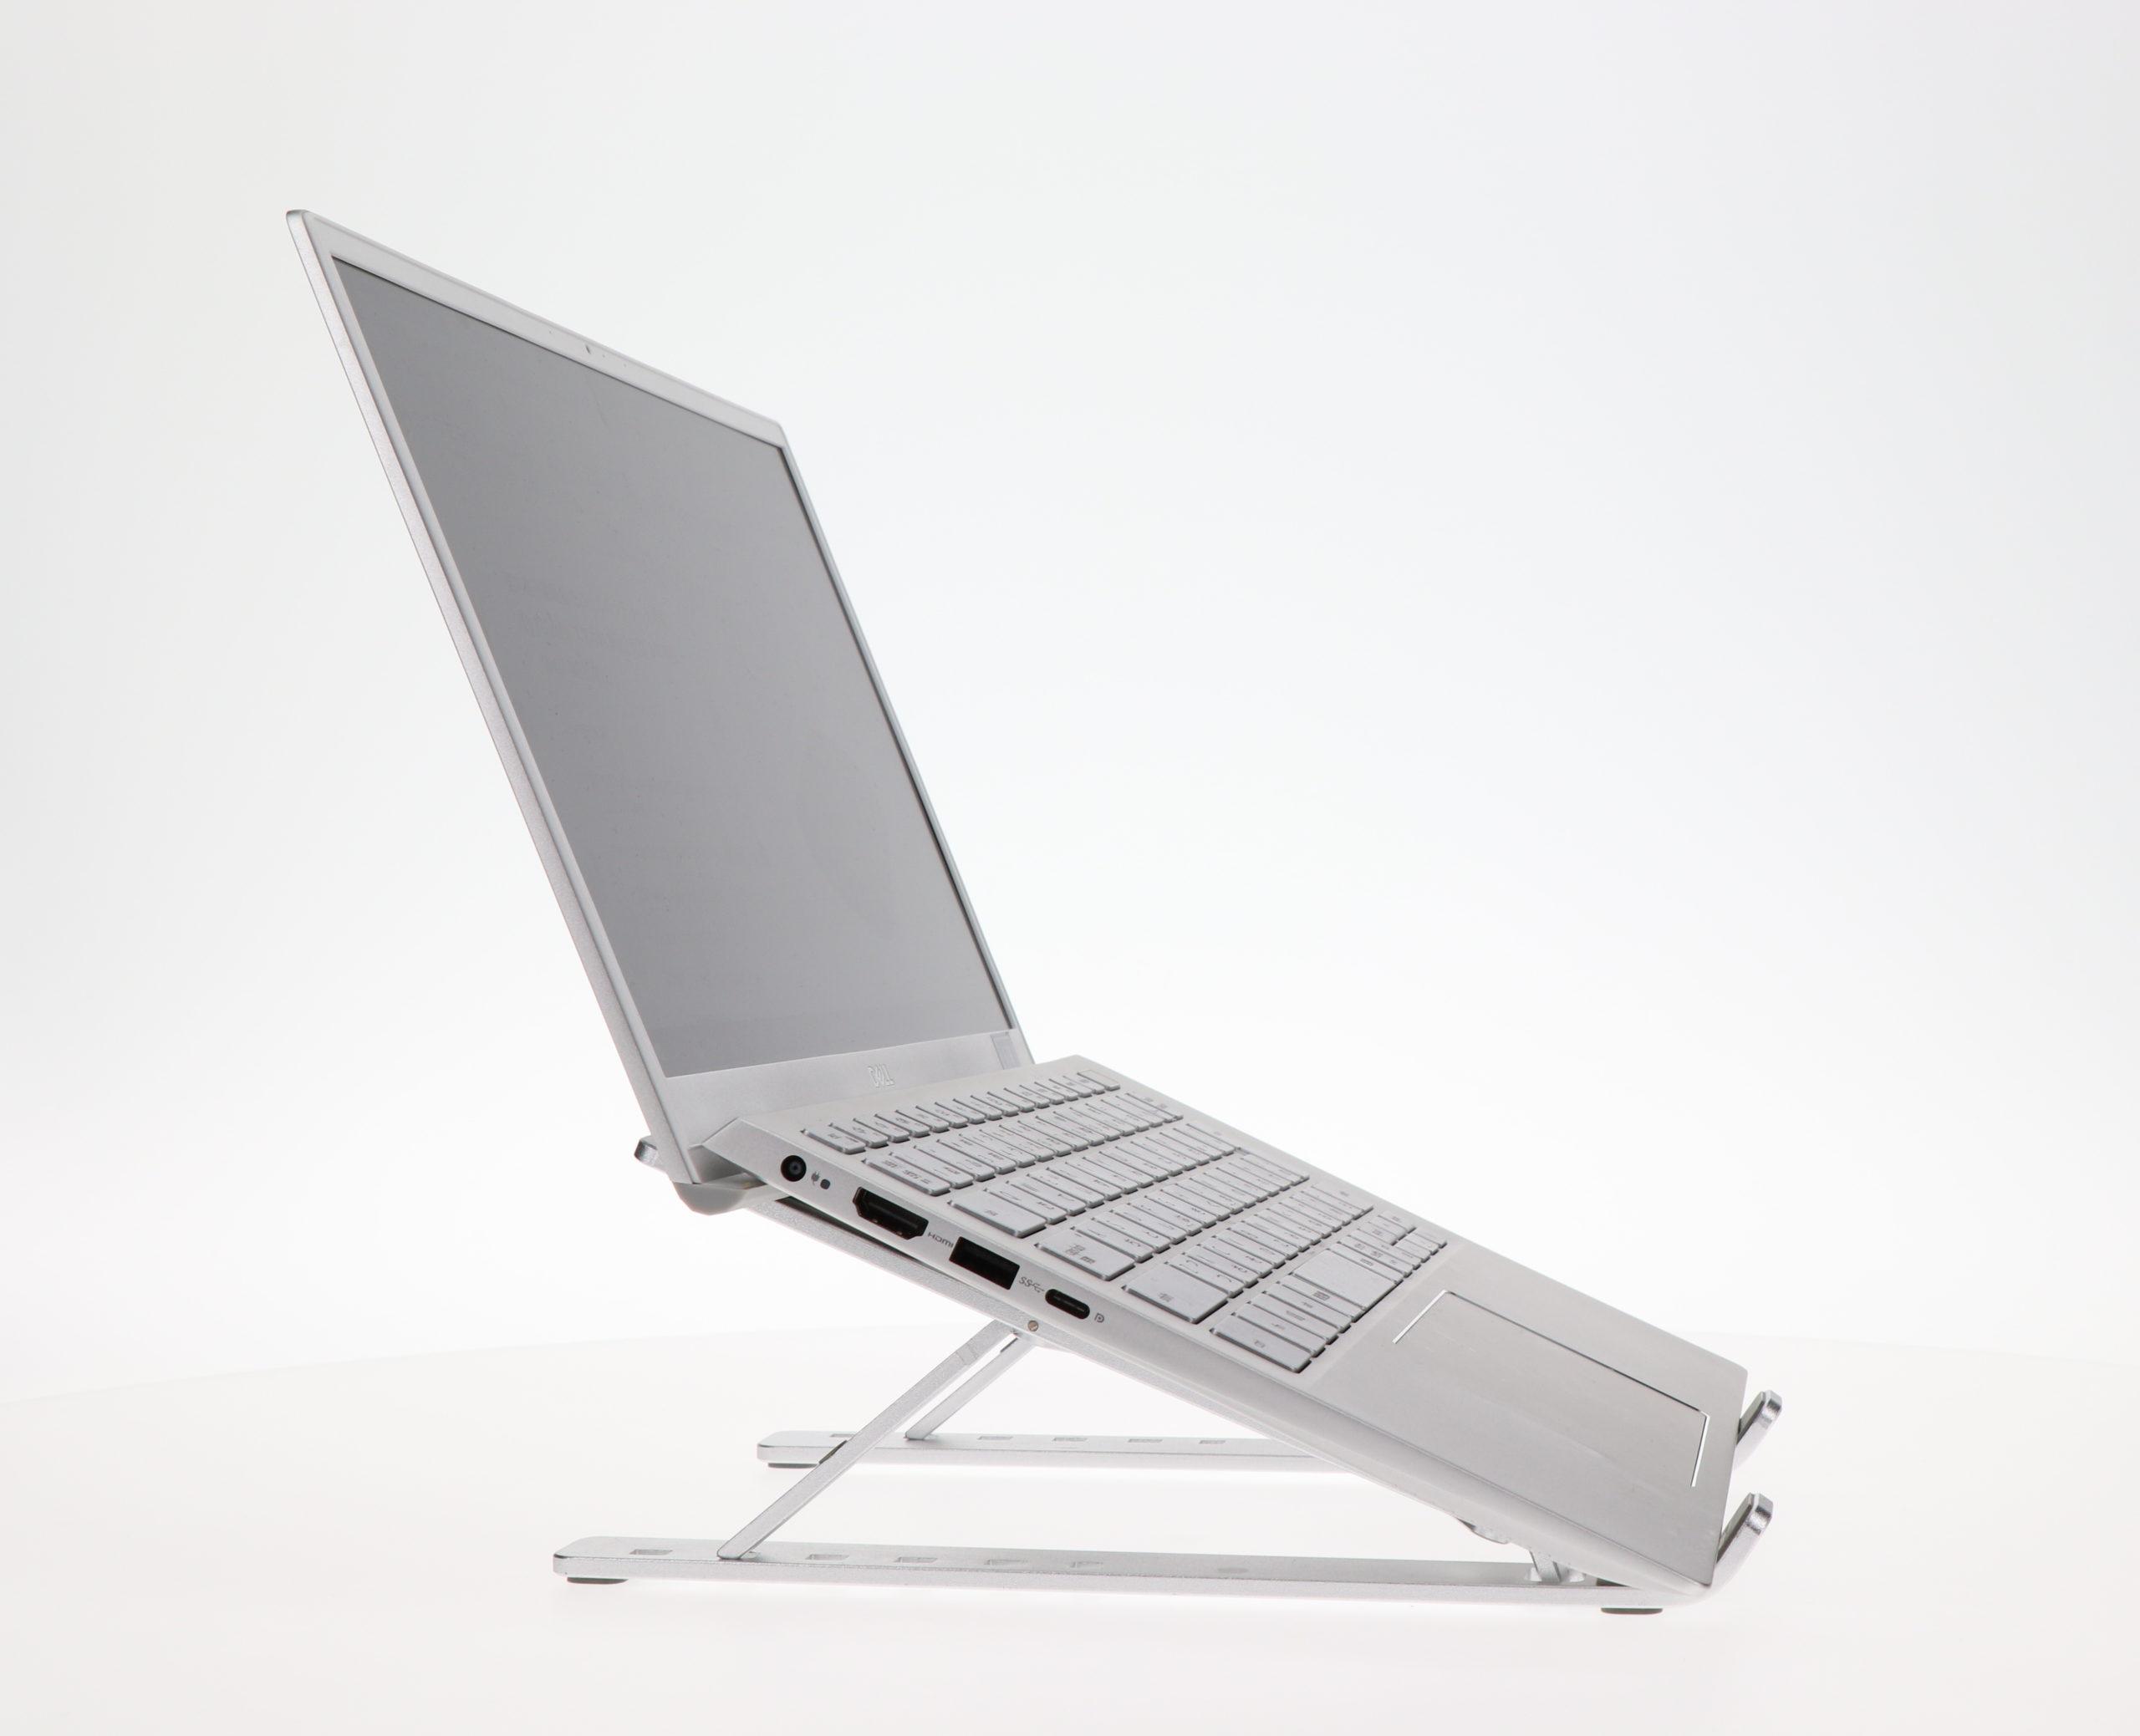 【在宅ワークの肩こり、腰痛、疲れを軽減】快適な椅子よりPCスタンドがおすすめの理由